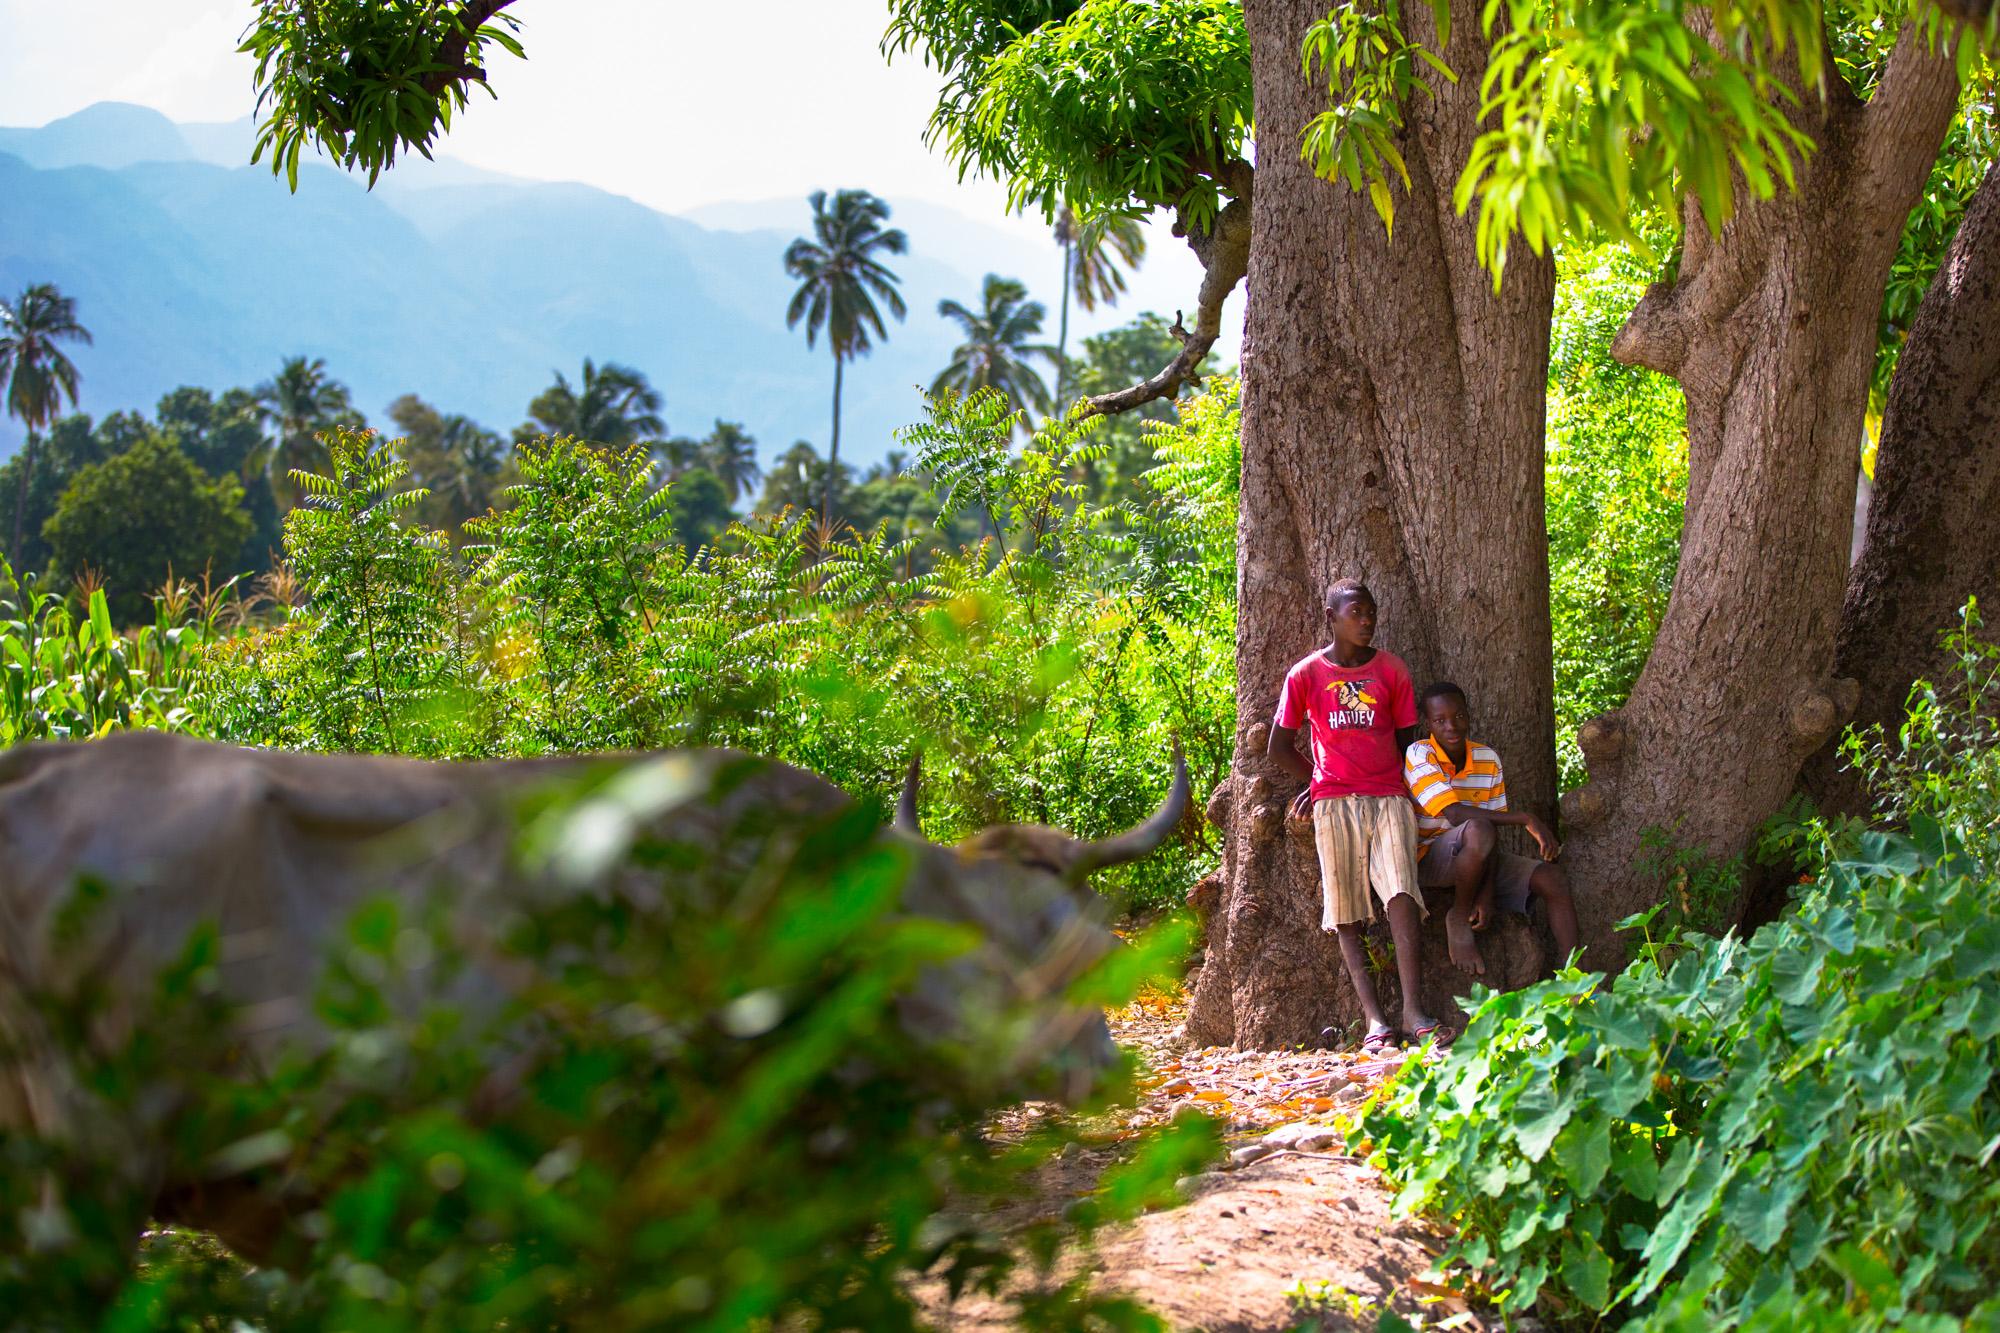 8AFCORTES_HAITI_HI-0787.jpg